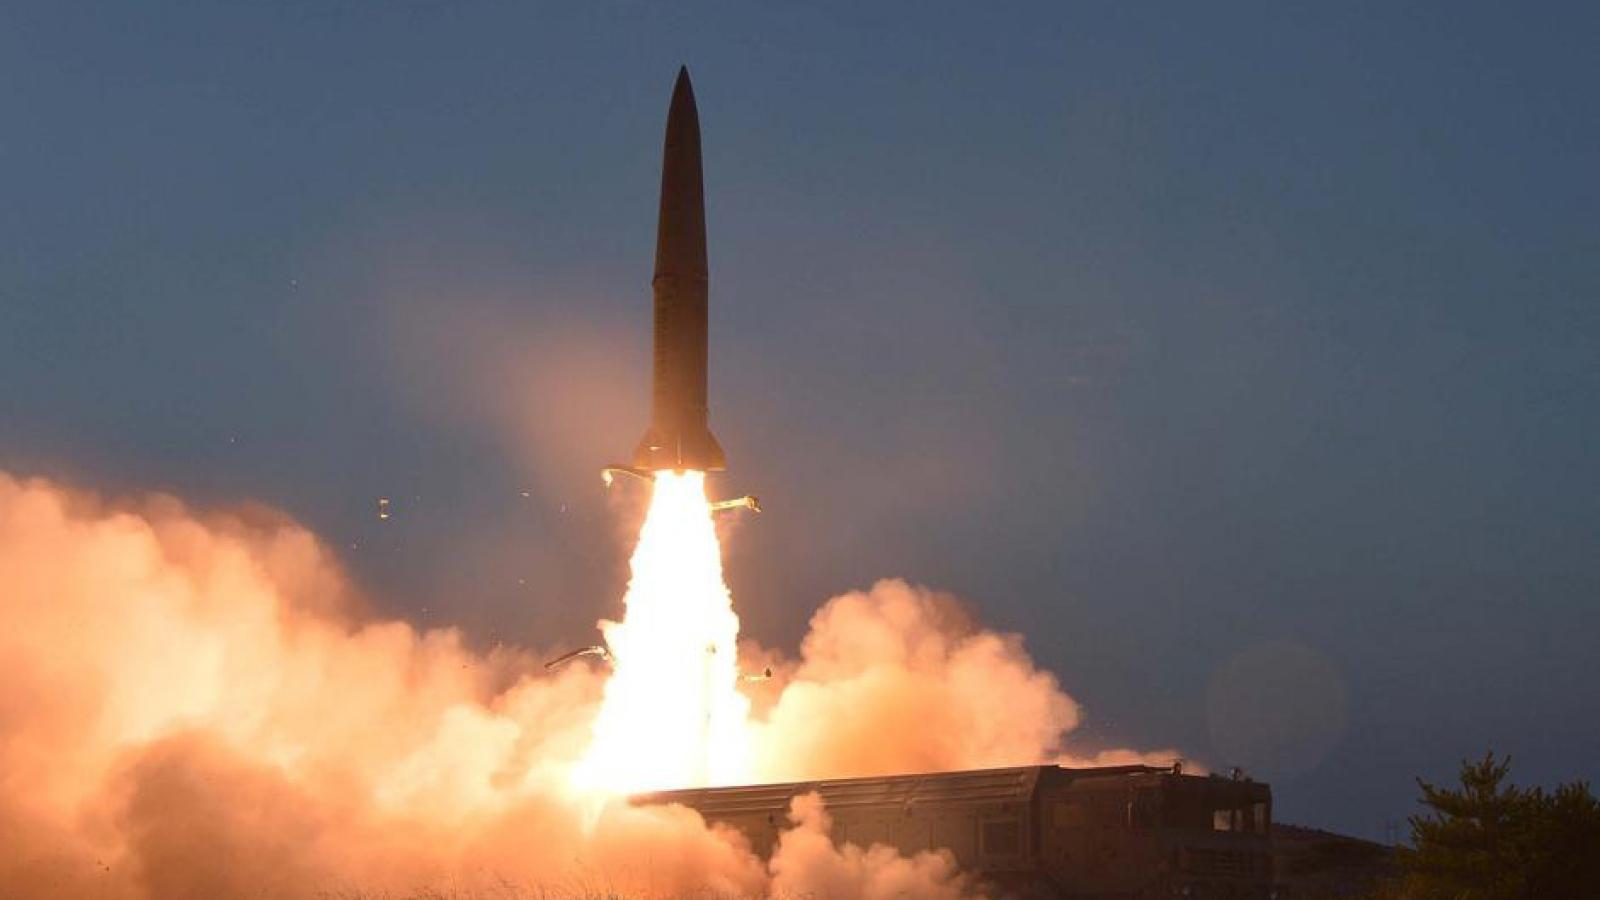 Hàn Quốc tố Triều Tiên vẫn phát triển năng lực tên lửa, cảnh báo đáp trả